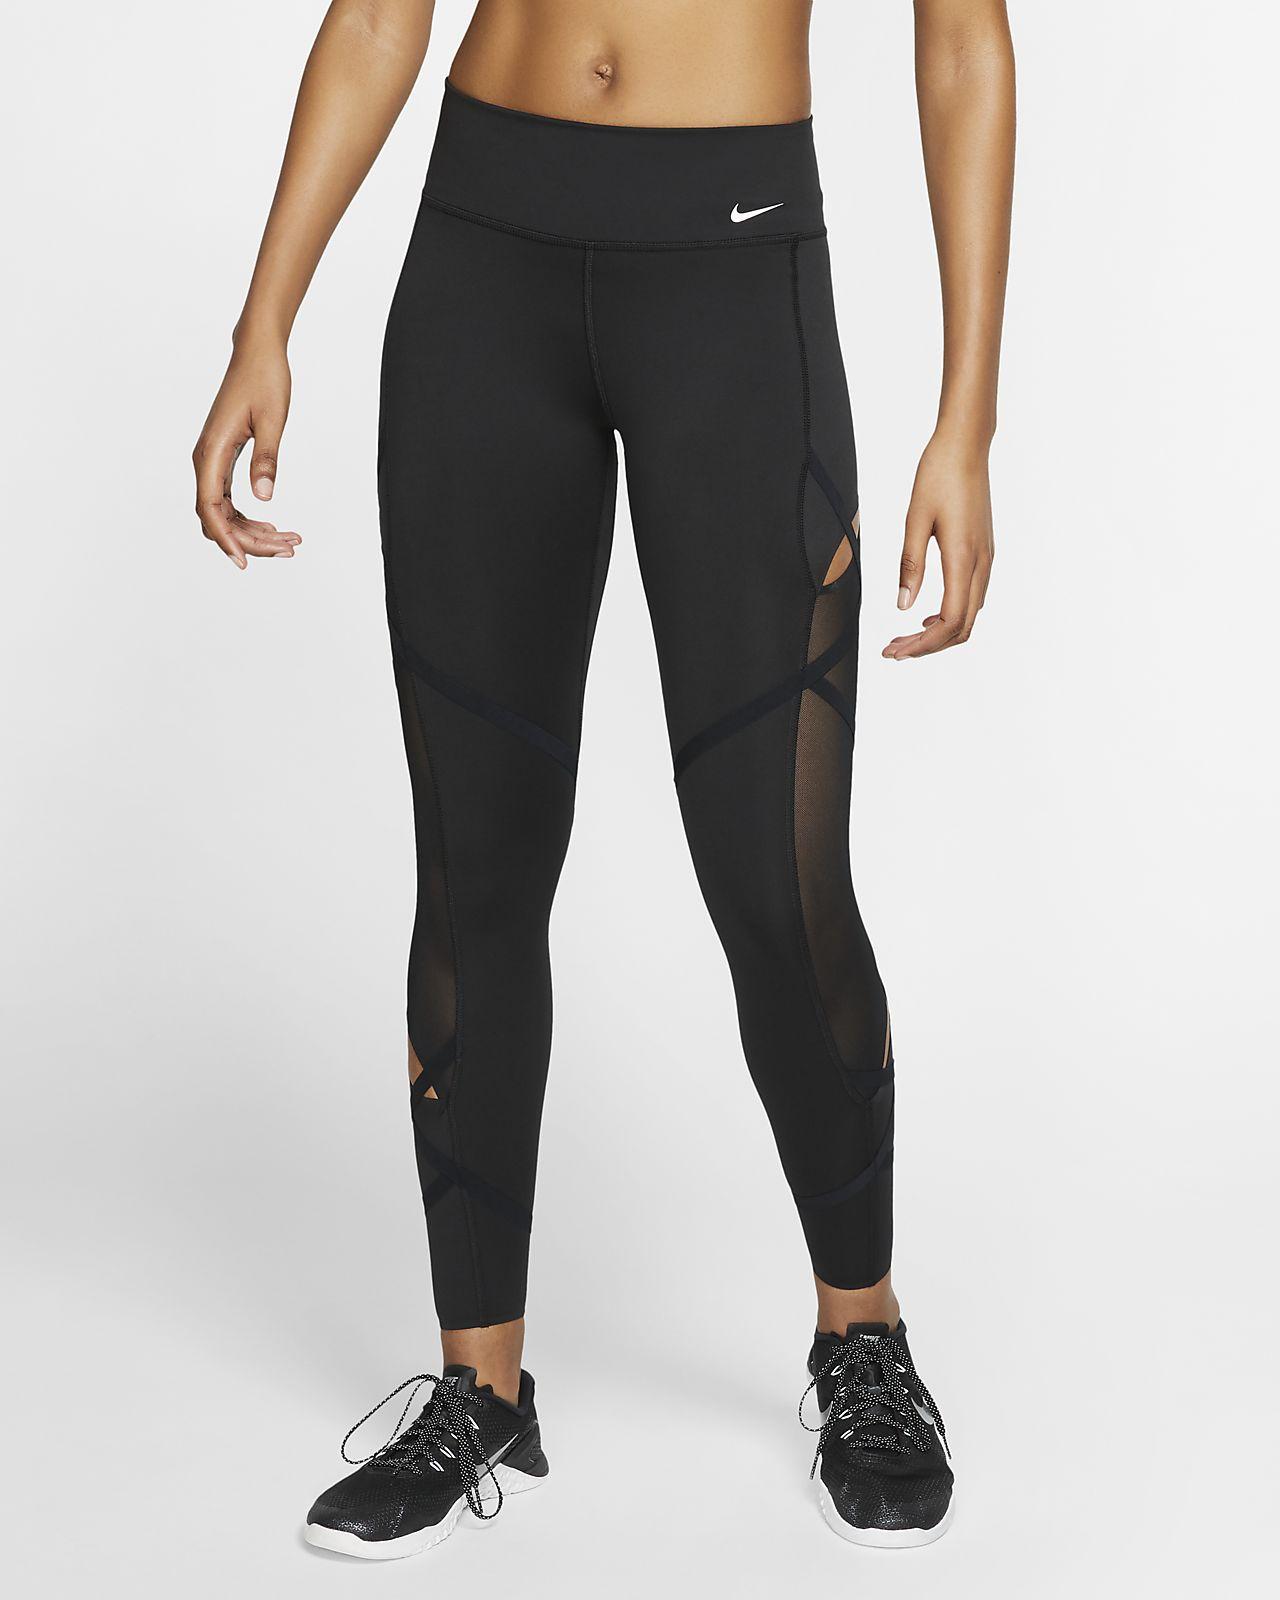 Damskie legginsy 7/8 Nike One Icon Clash